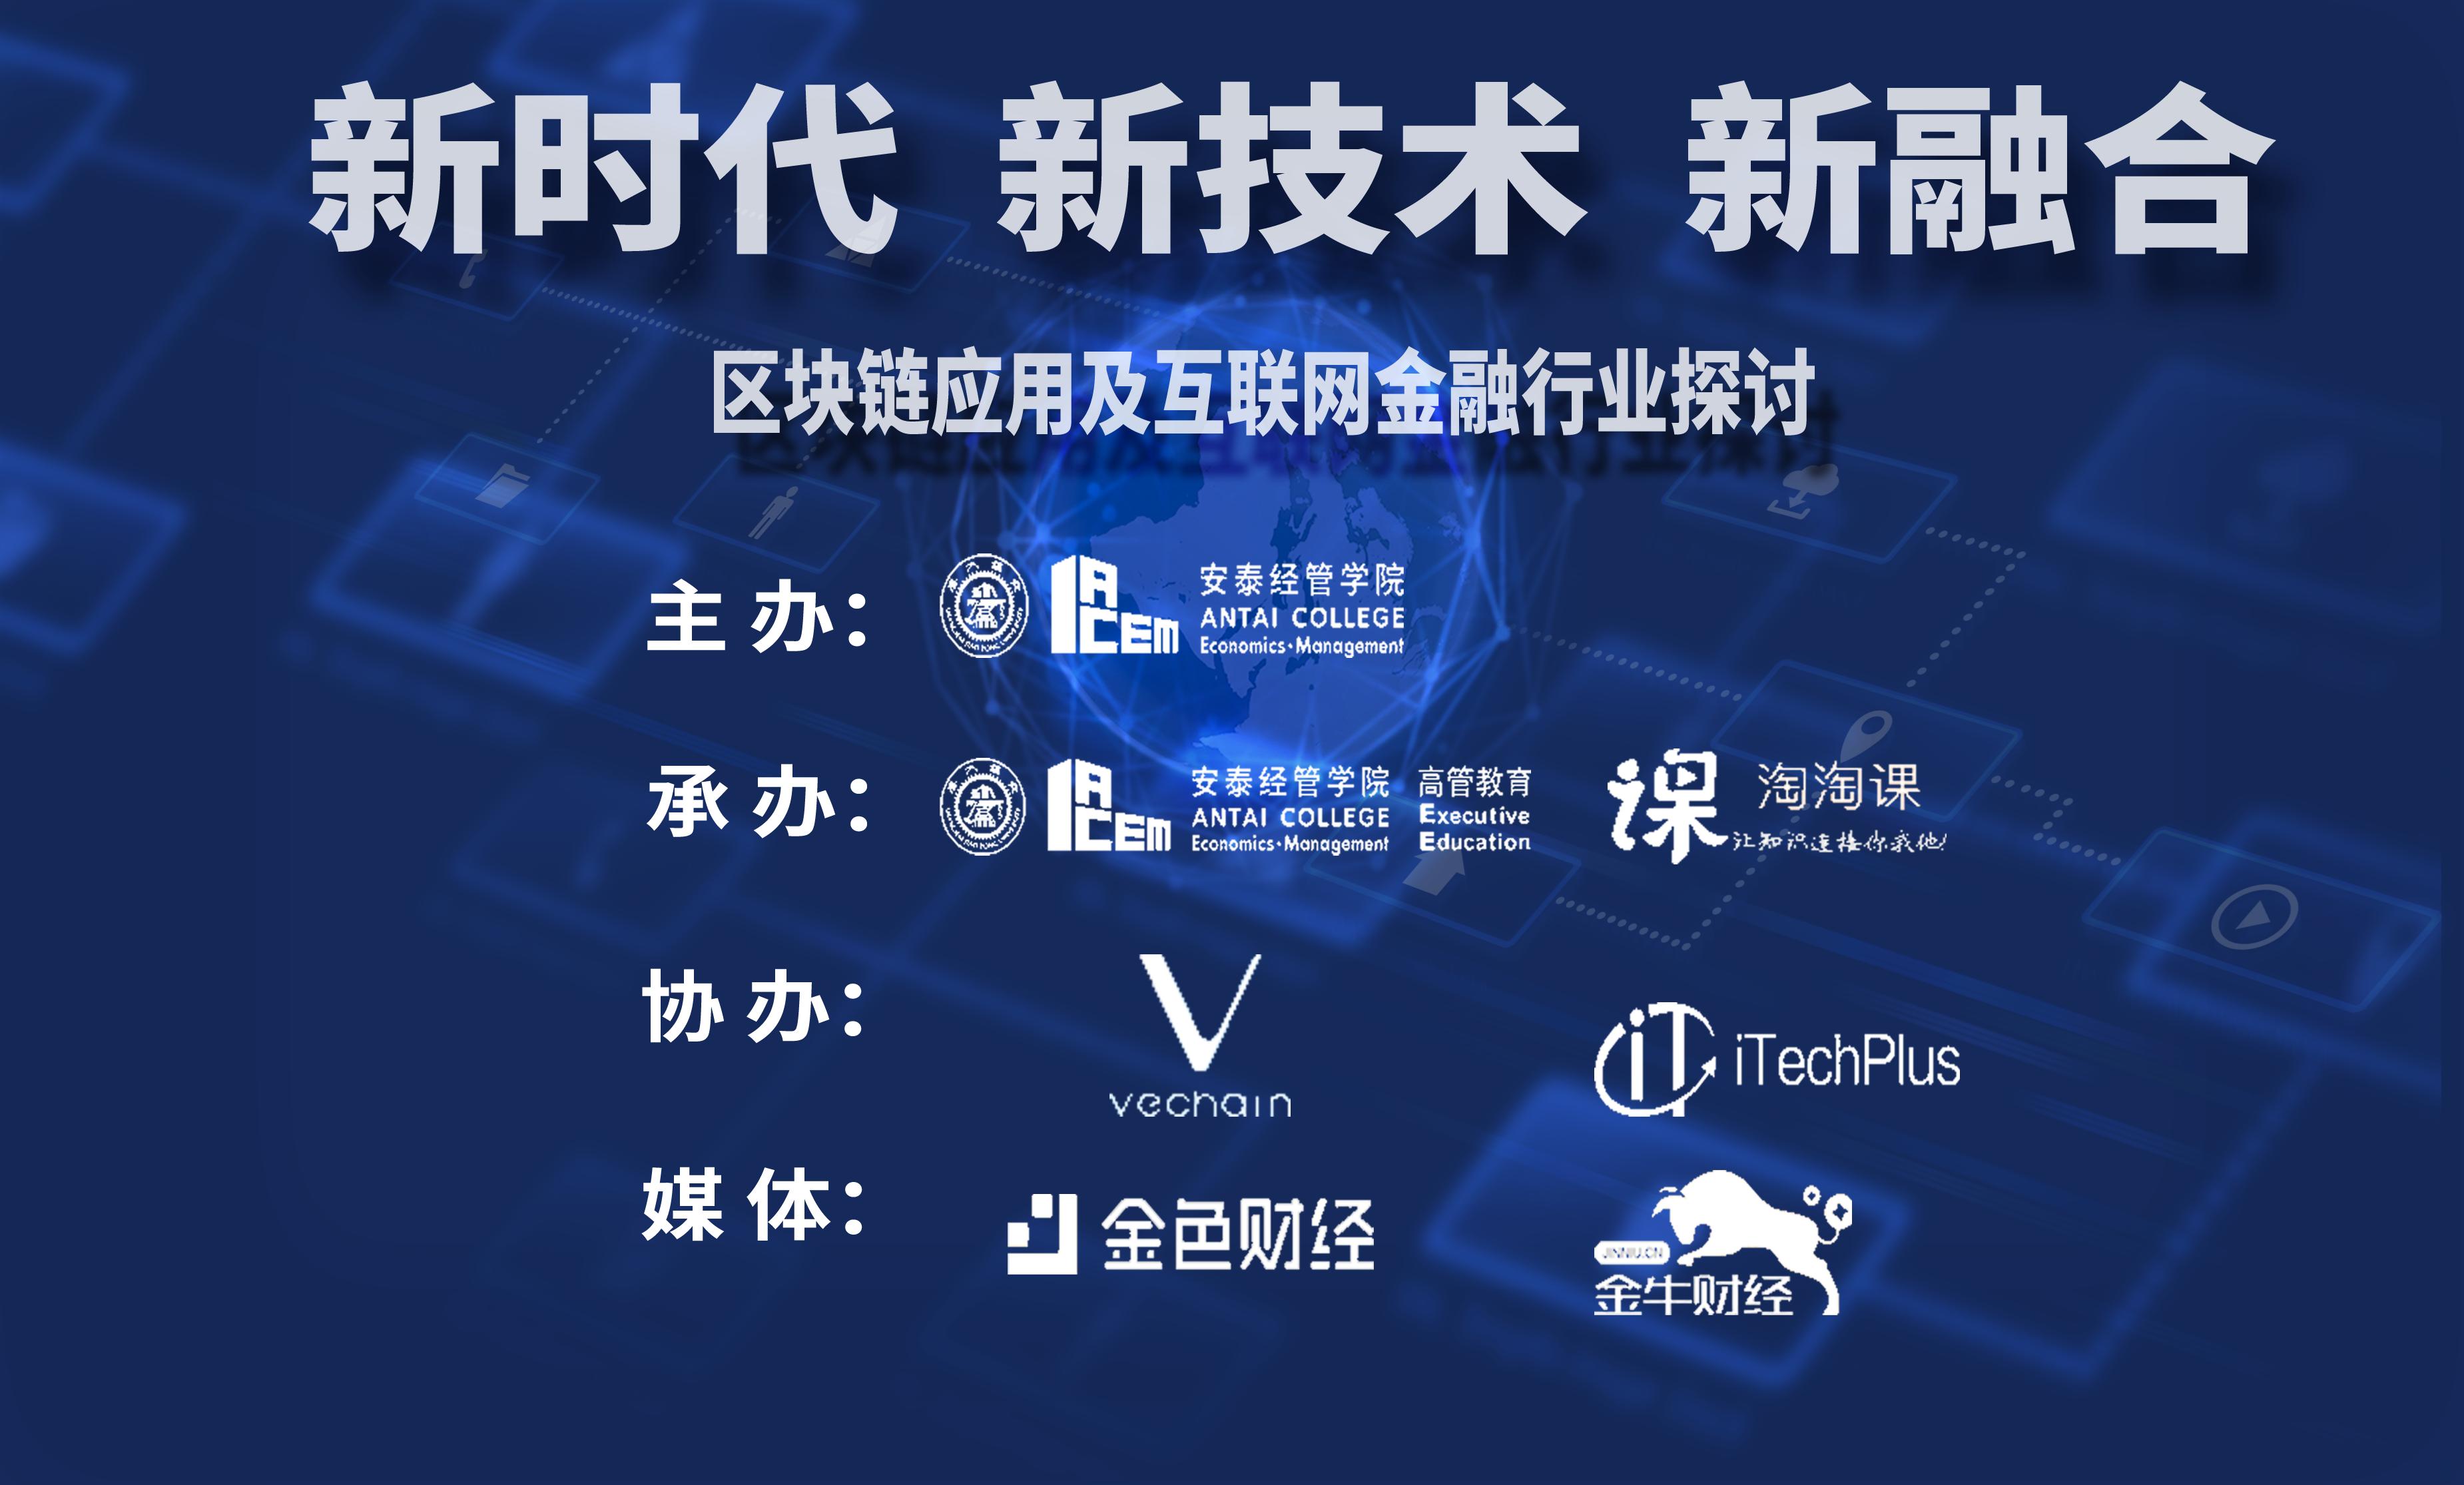 新时代 新技术 新融合——区块链应用及互联网金融行业探讨峰会